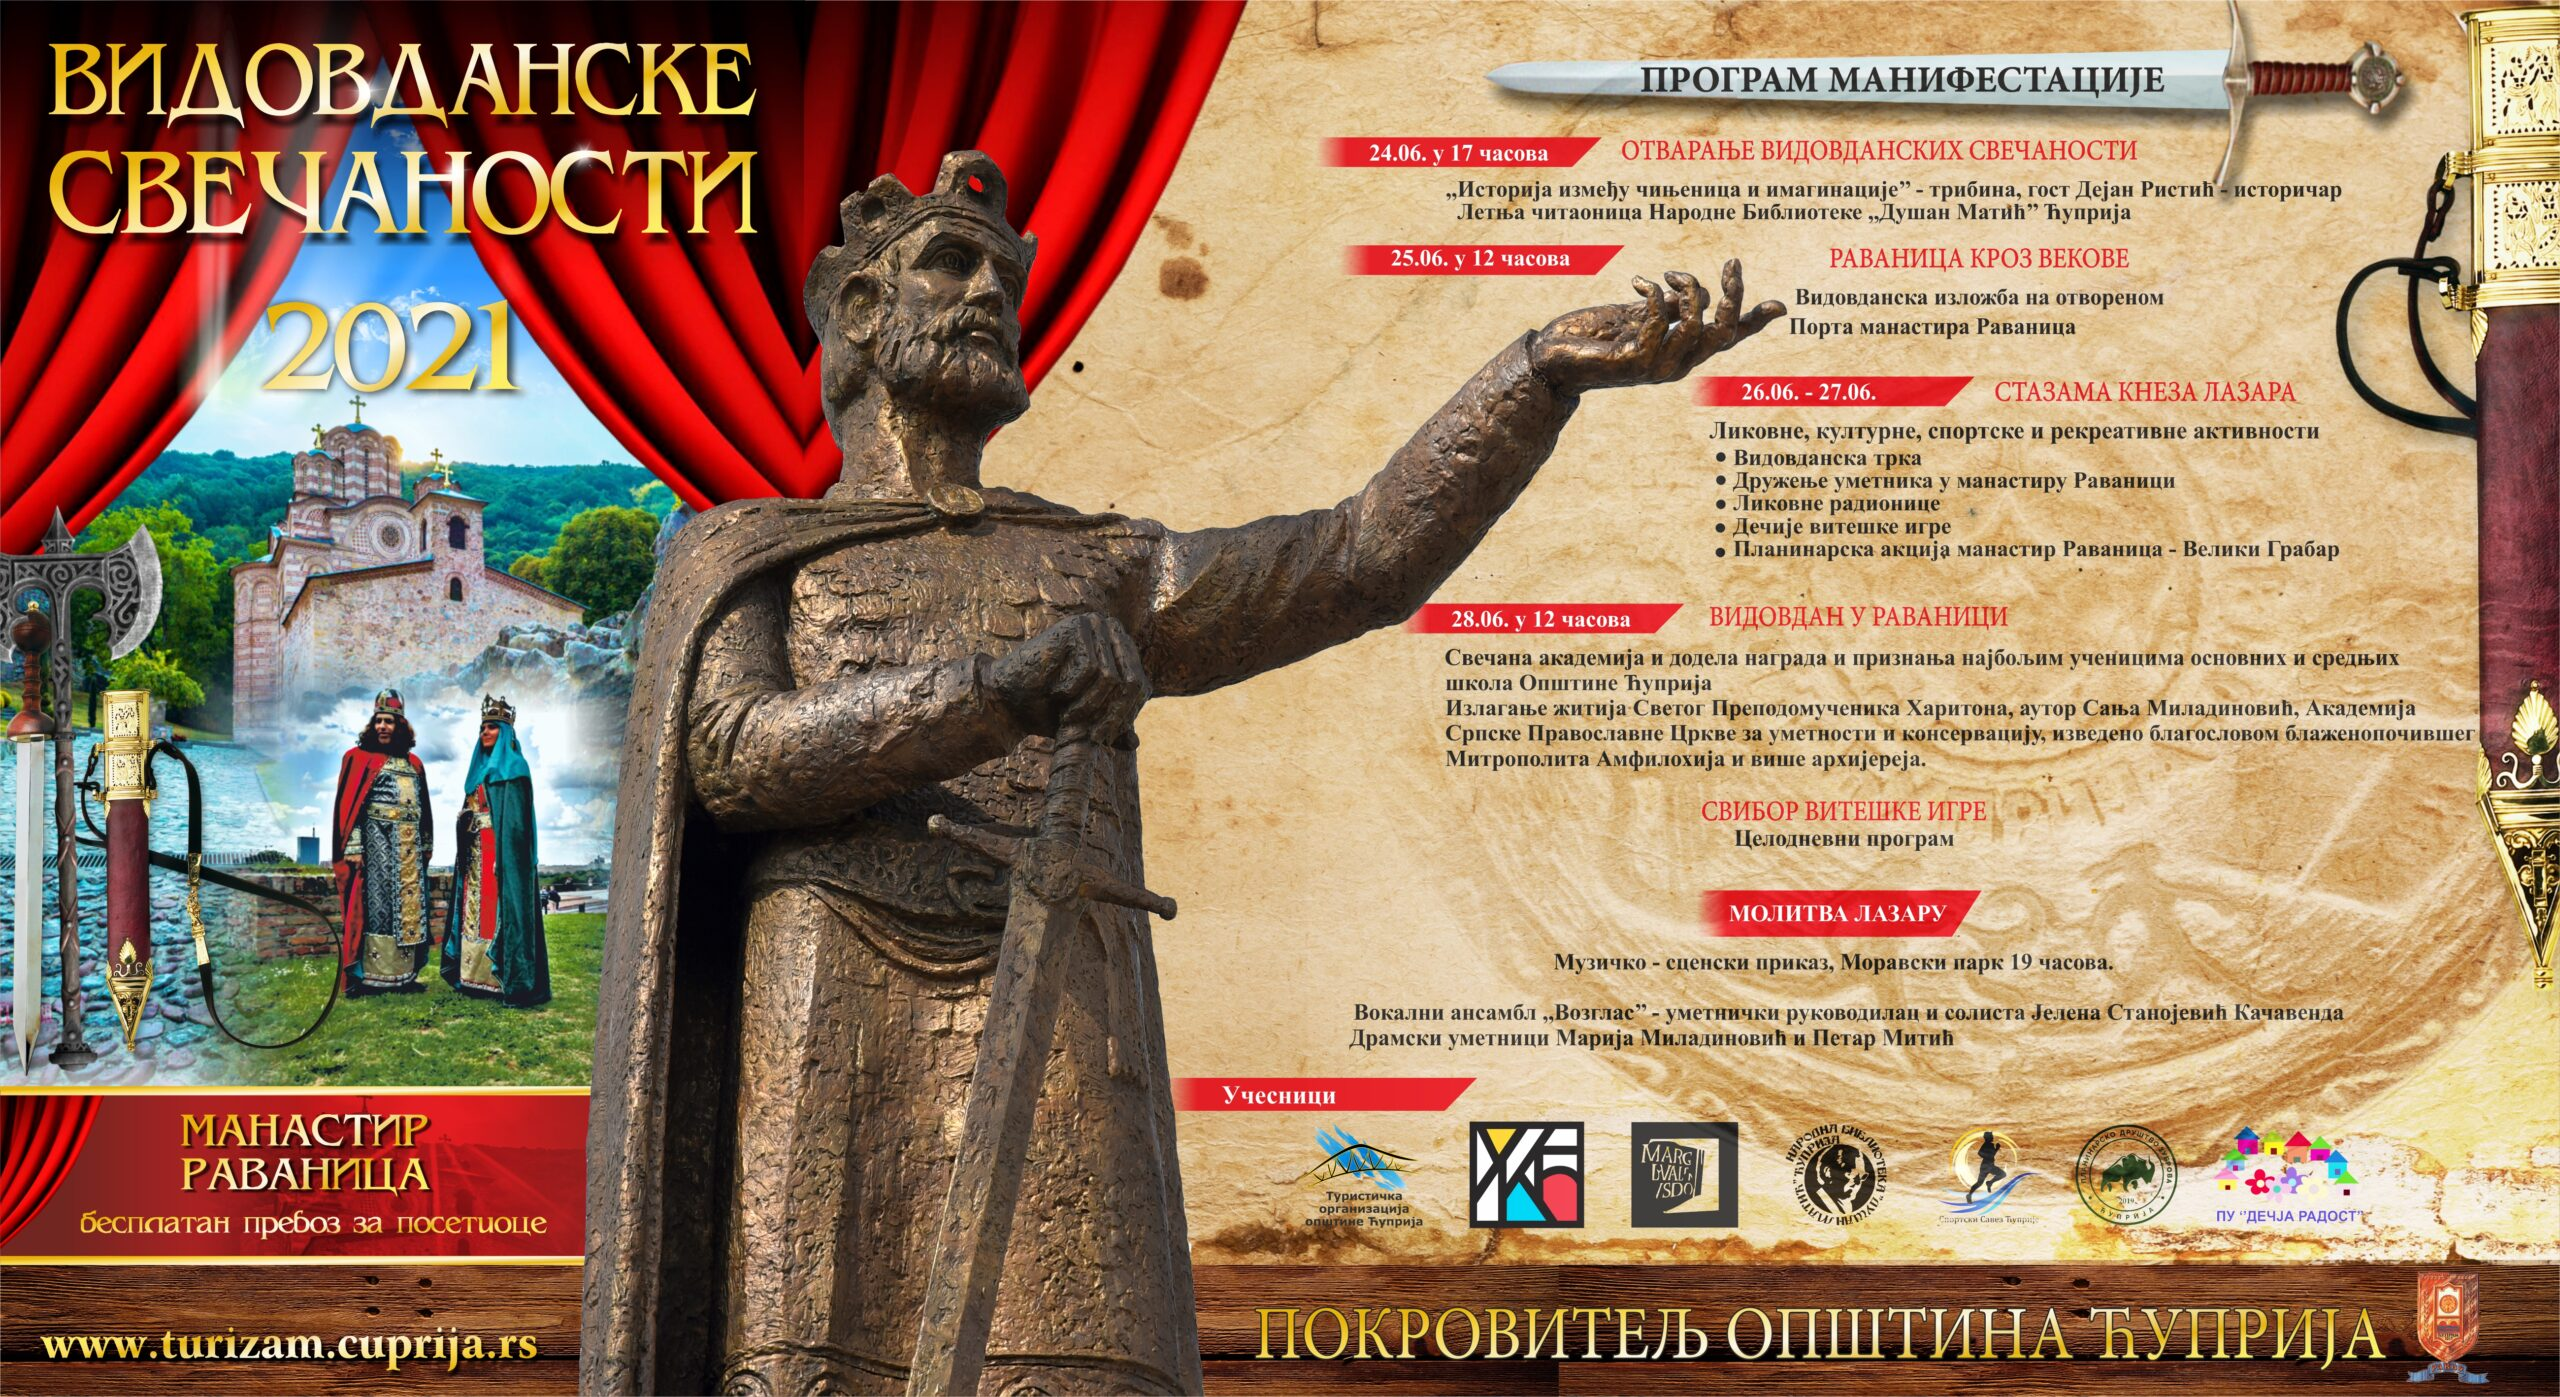 Vidovdanske svečanosti u Ćupriji od 24. do 28. juna